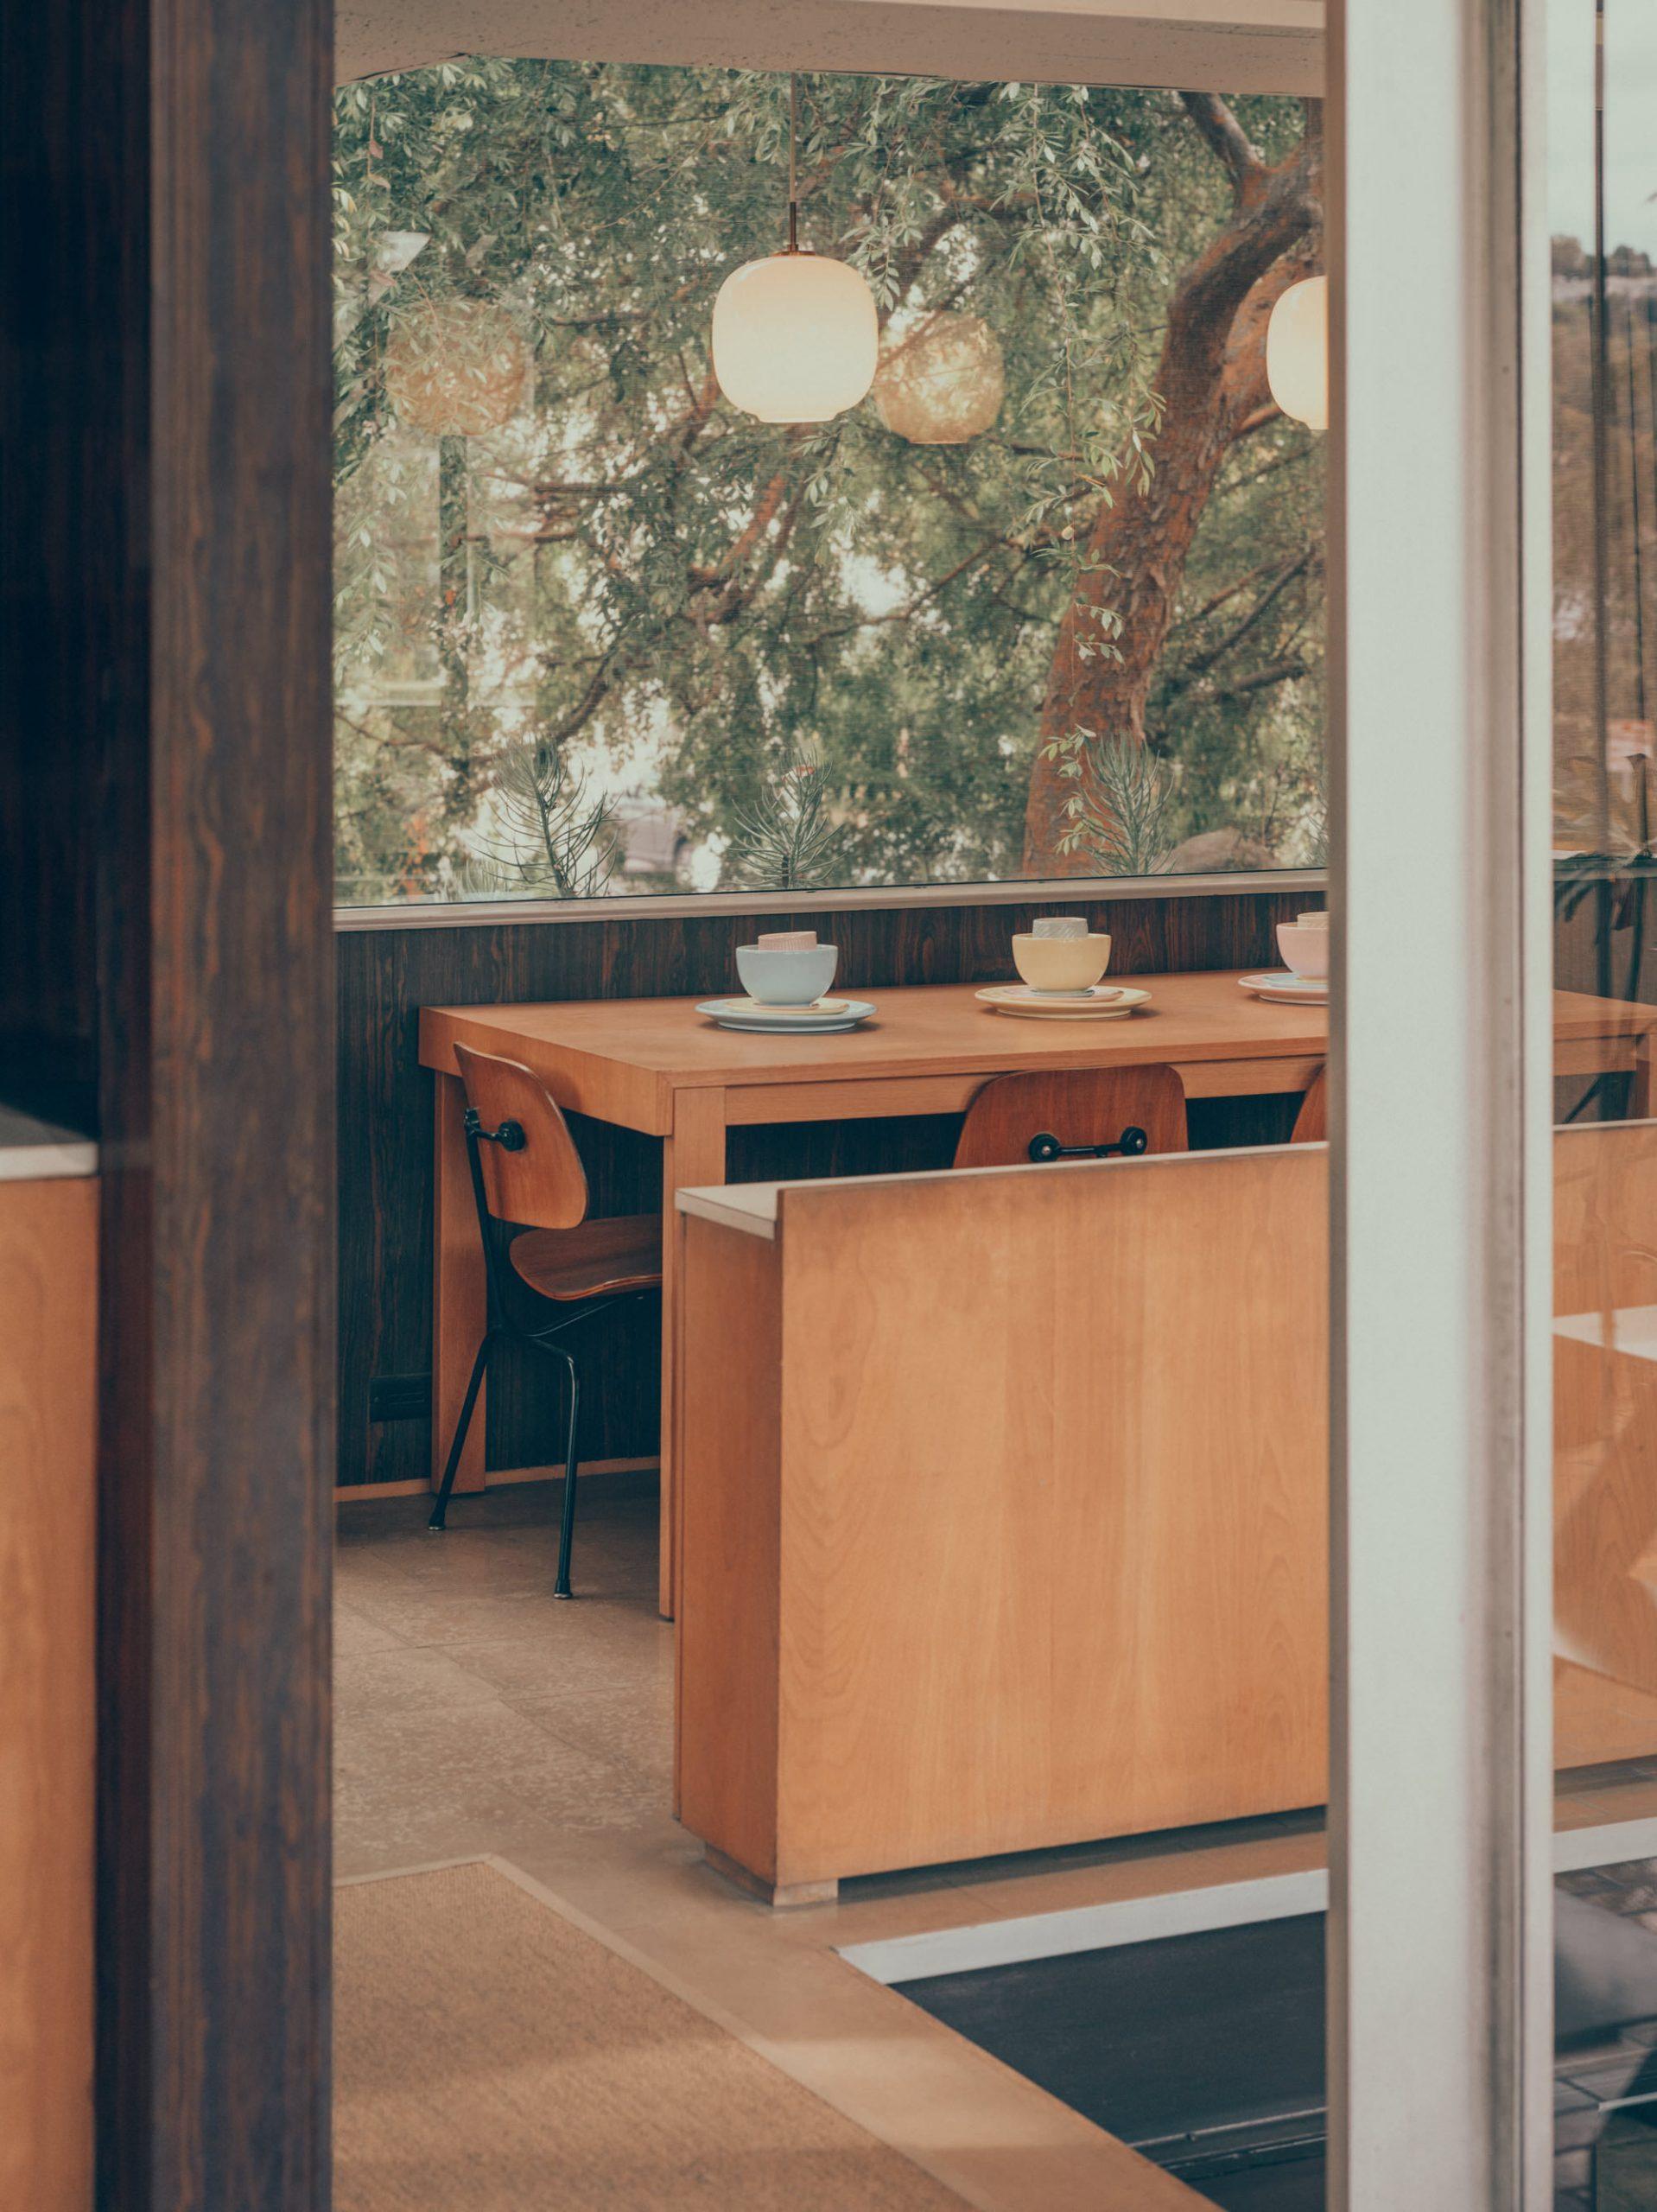 Julius_Hirtzberger_photographer_Neutra_VDL_Architecture_Los_Angeles_Architecture6-1